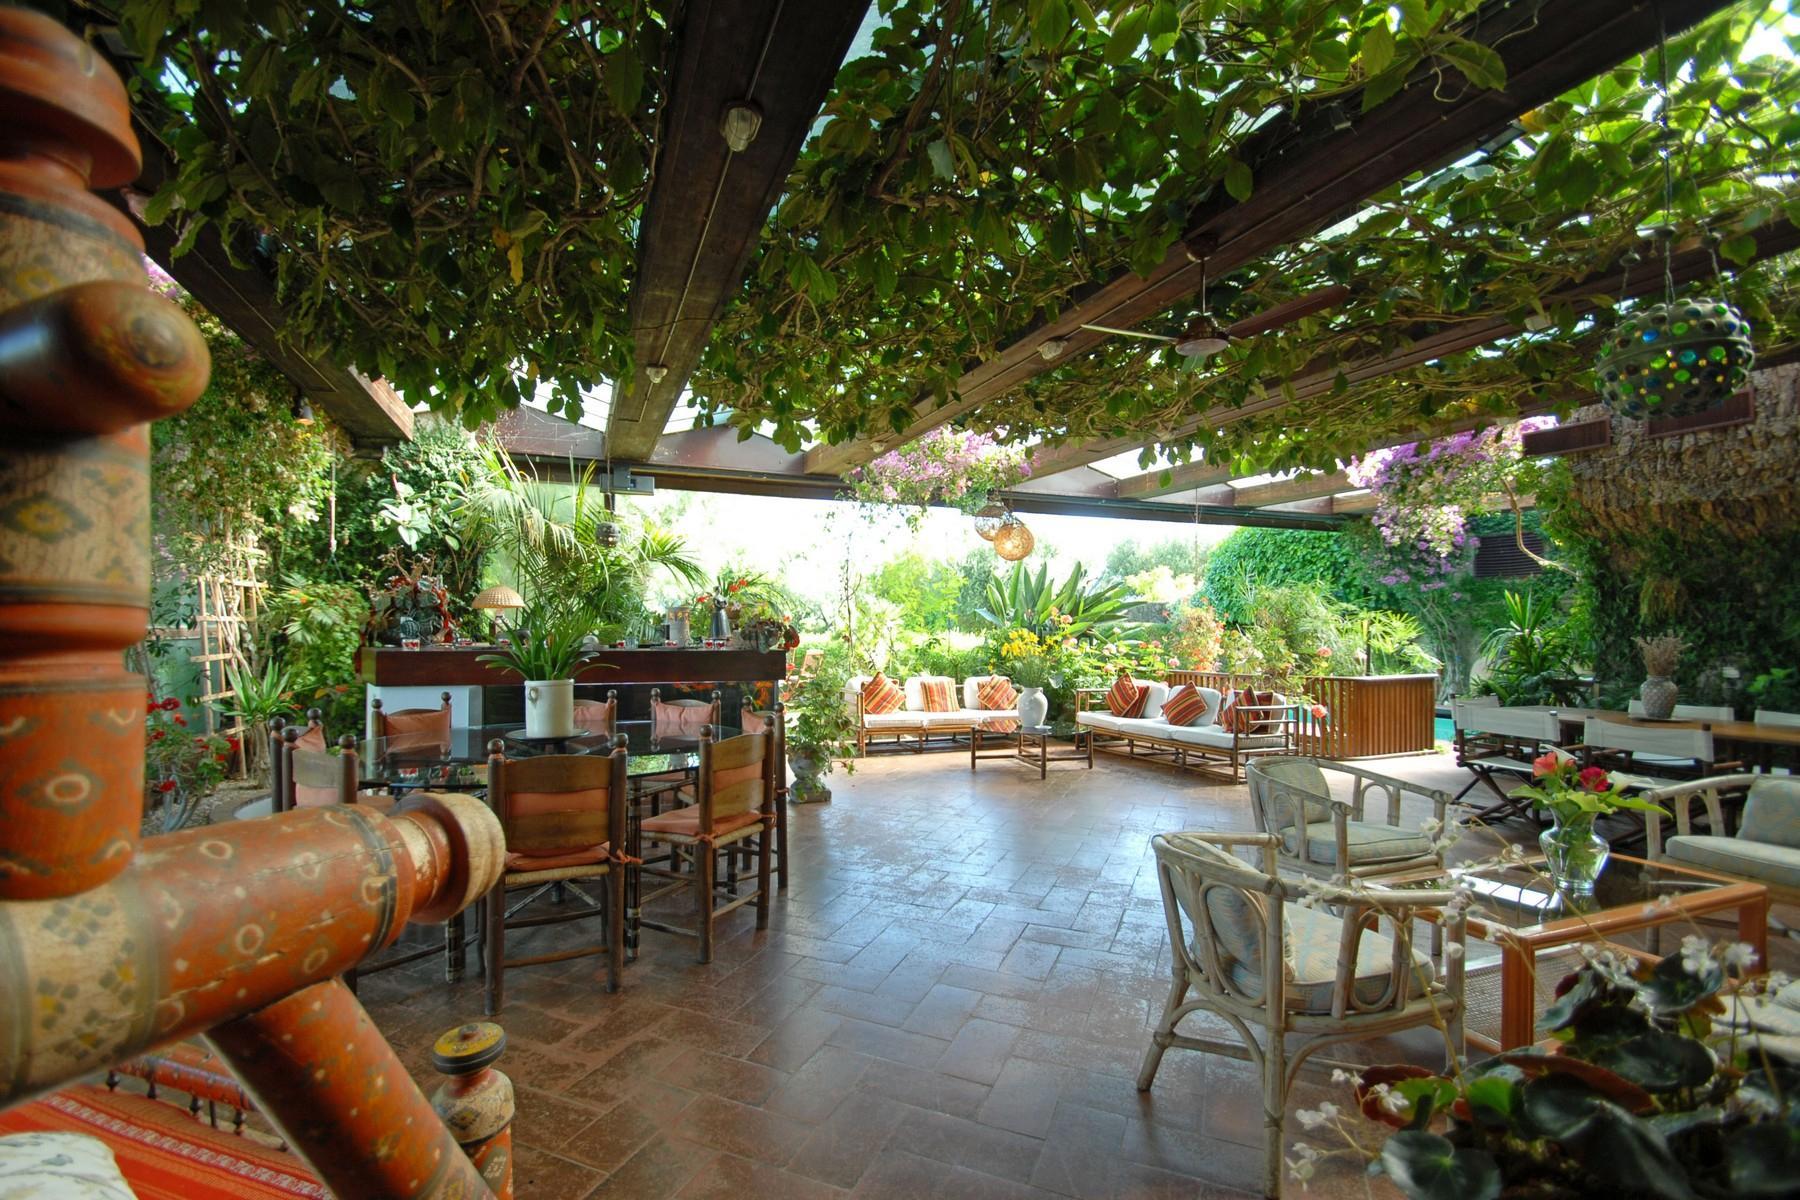 Superbe propriété avec jardin d'hiver, court de tennis et piscine - 25